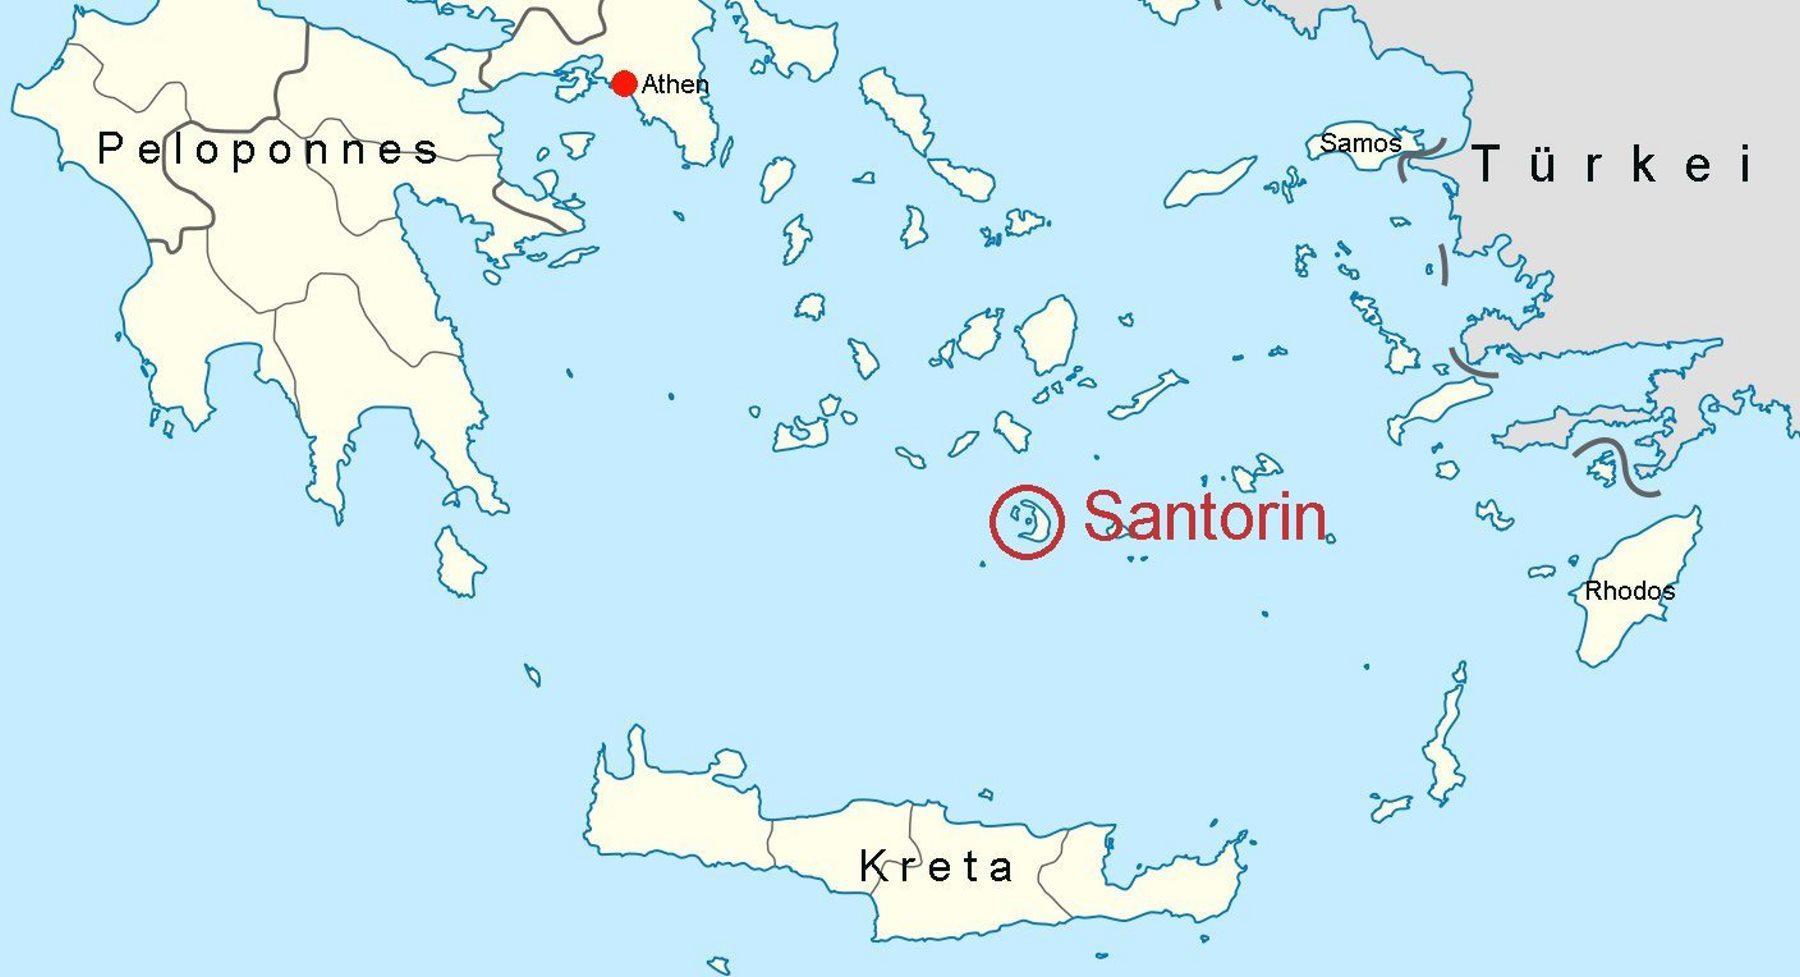 santorin karte griechenland Online Hafenhandbuch Griechenland: Insel Santorin und